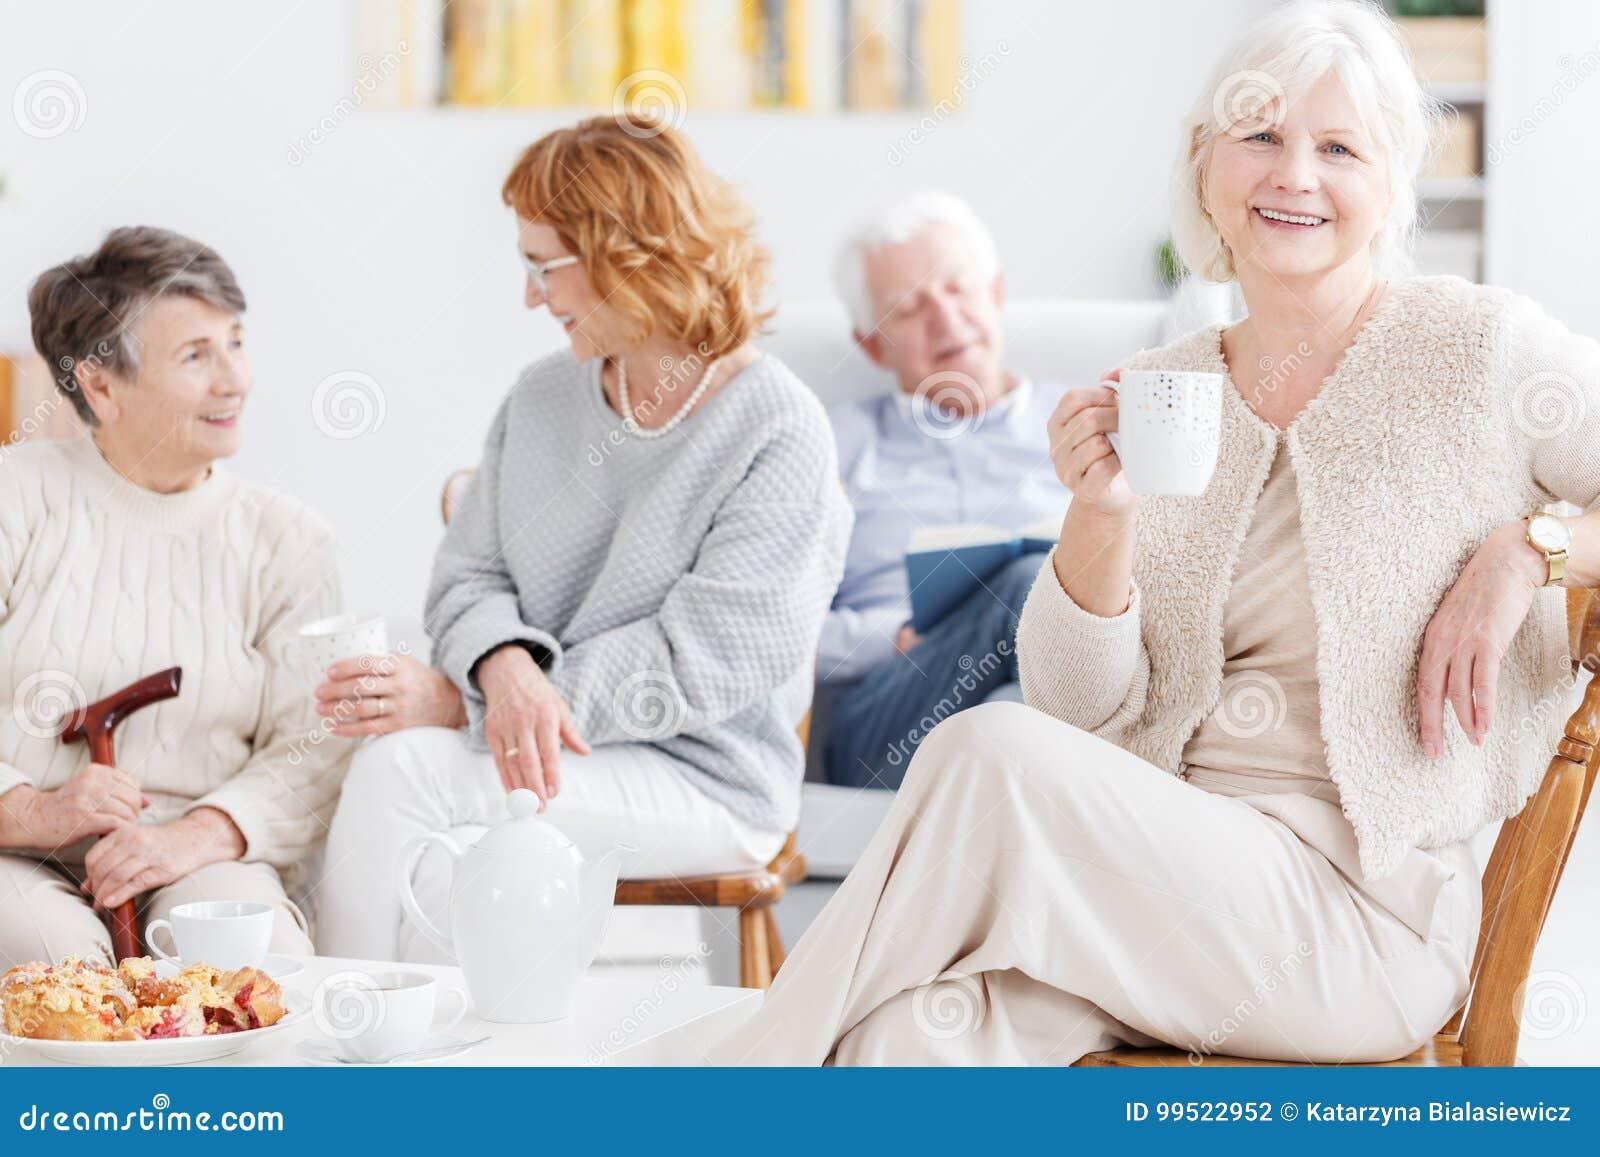 Elderly friends spending afternoon together